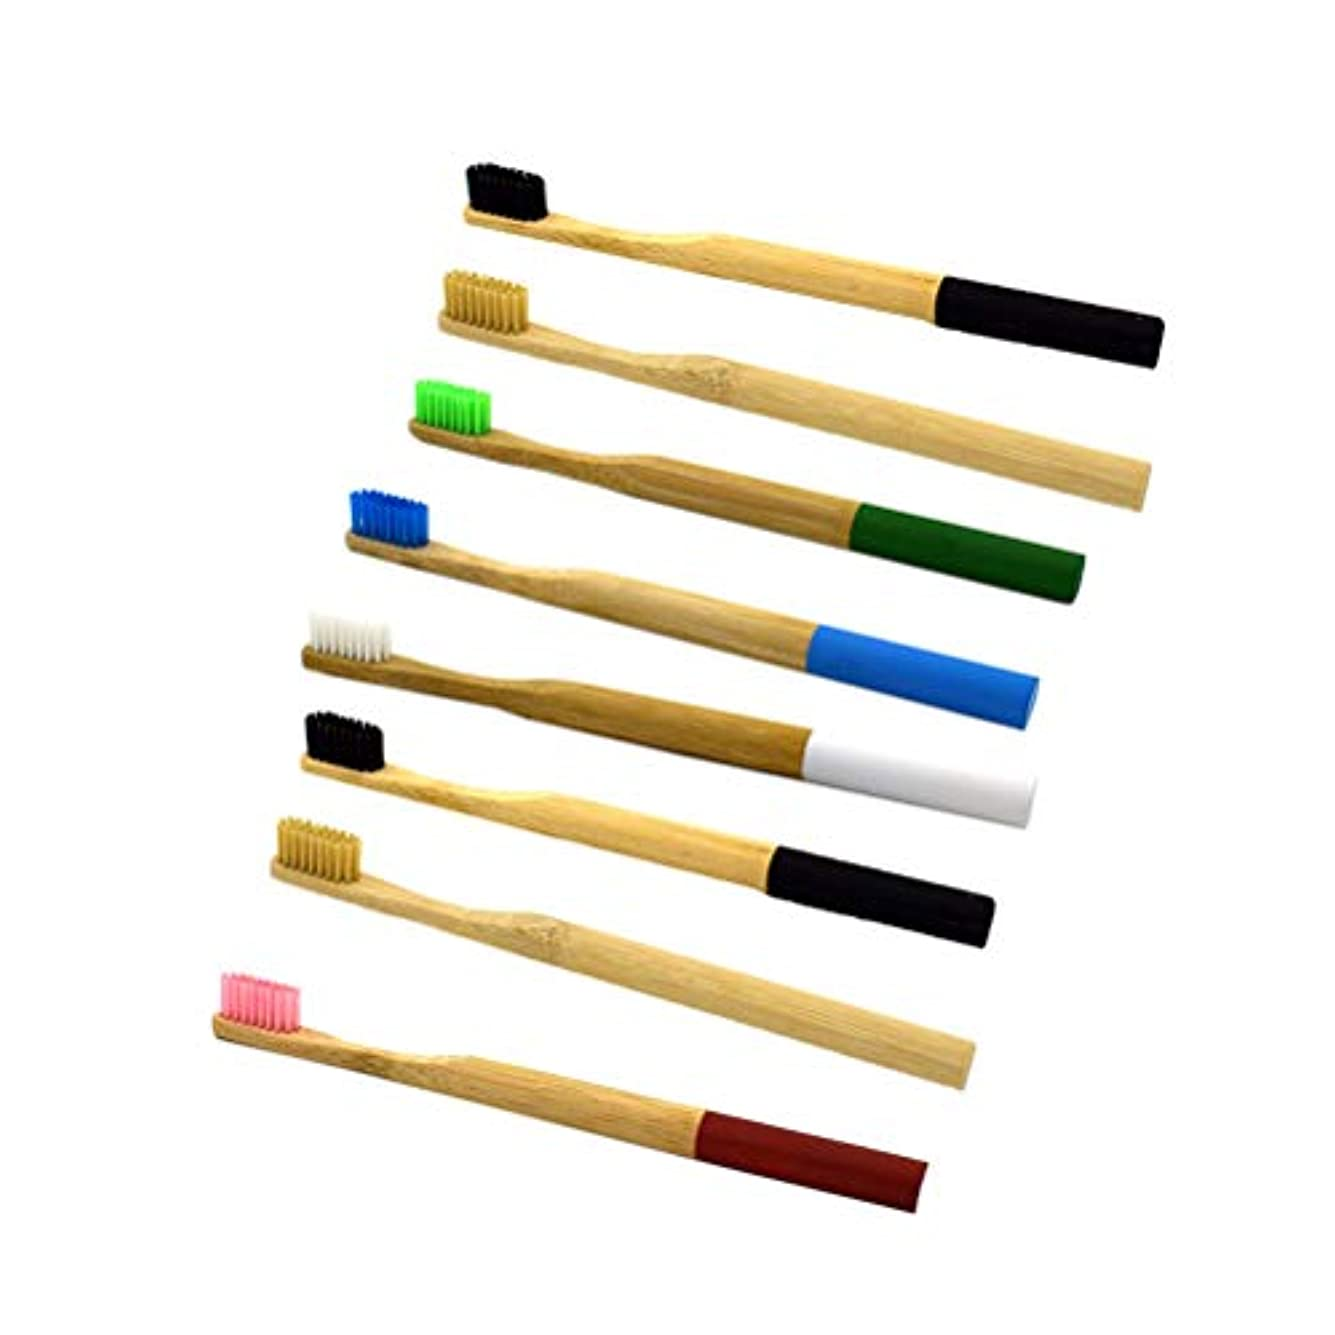 特殊船尾酸化するHealifty 柔らかい環境に優しい歯ブラシ8本の天然竹製の歯ブラシ柔らかいエコフレンドリーなラウンドハンドルの歯ブラシと柔らかいナイロン剛毛(混合色)